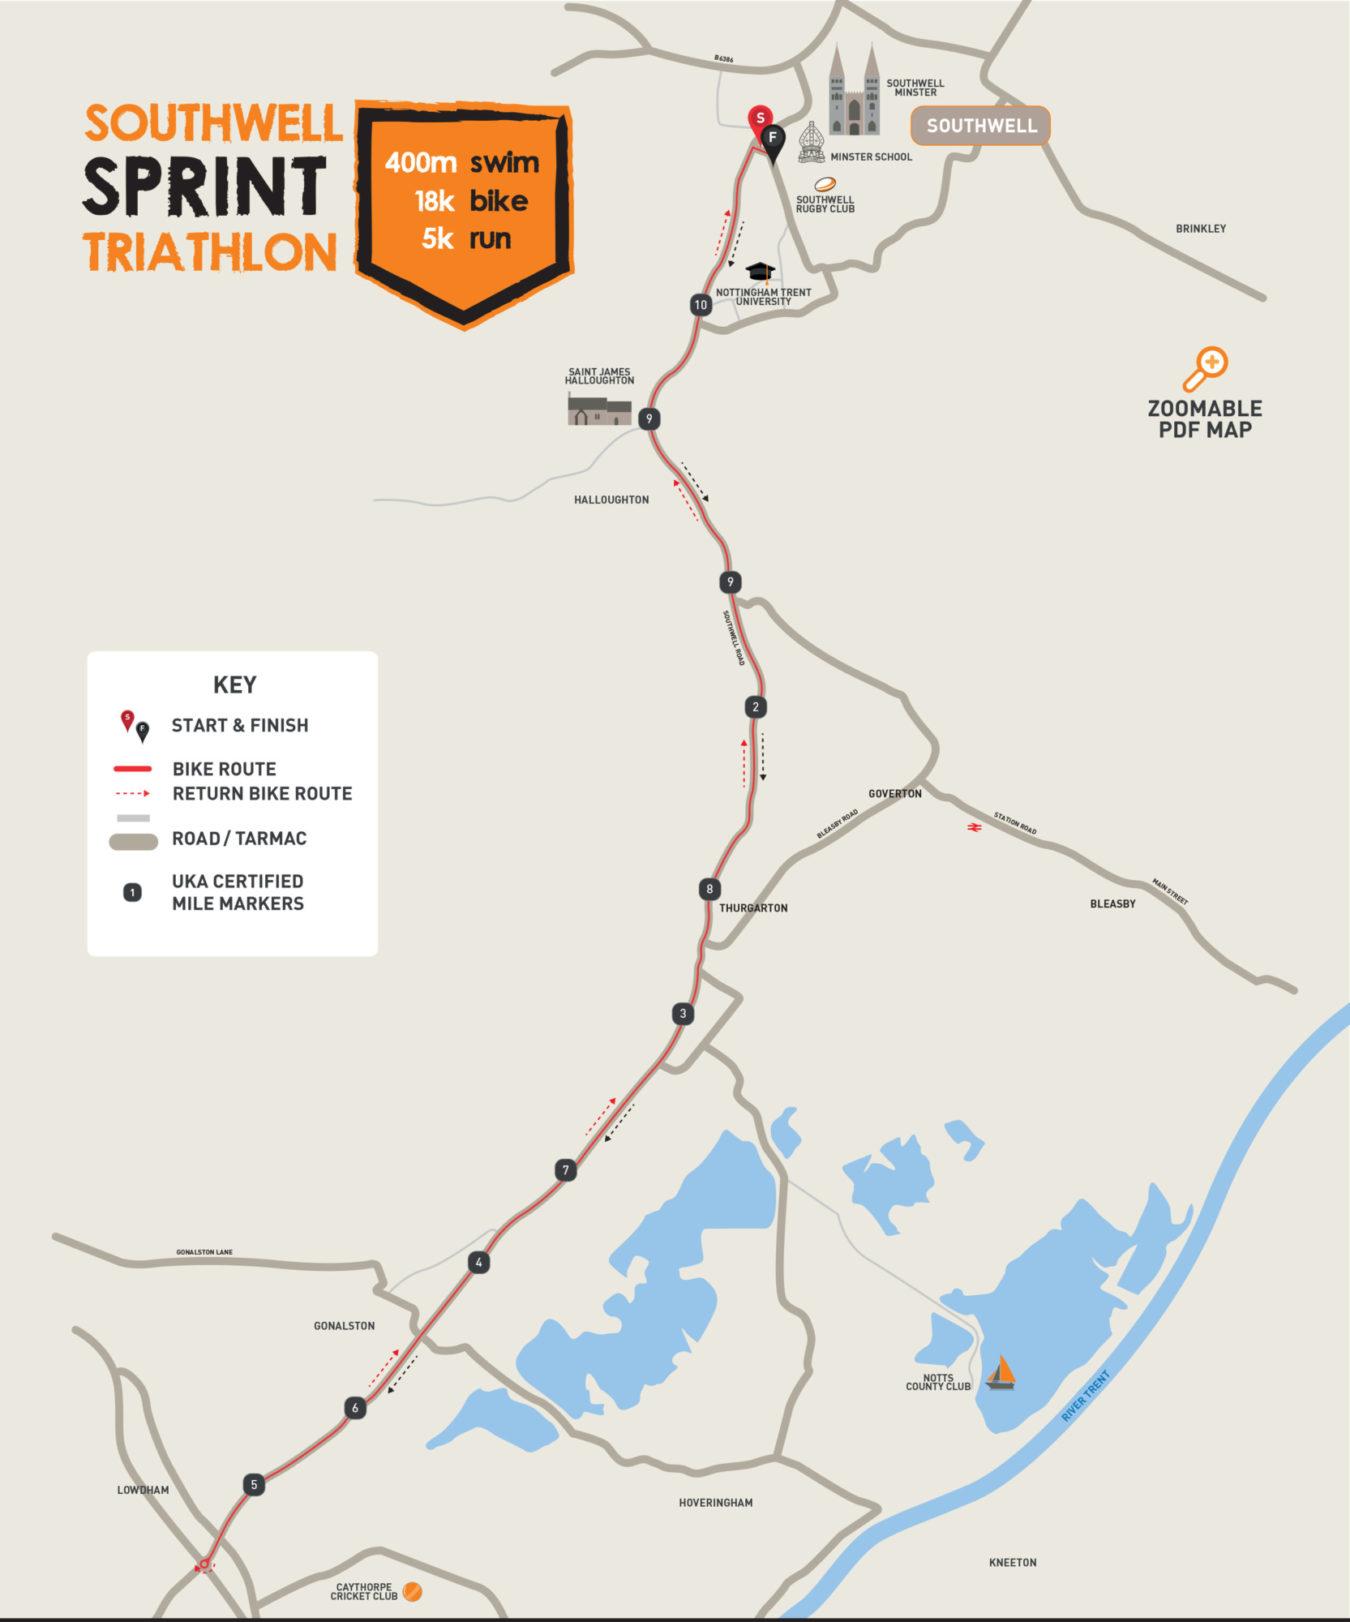 Southwell 20 Appendix 1 Bike Map